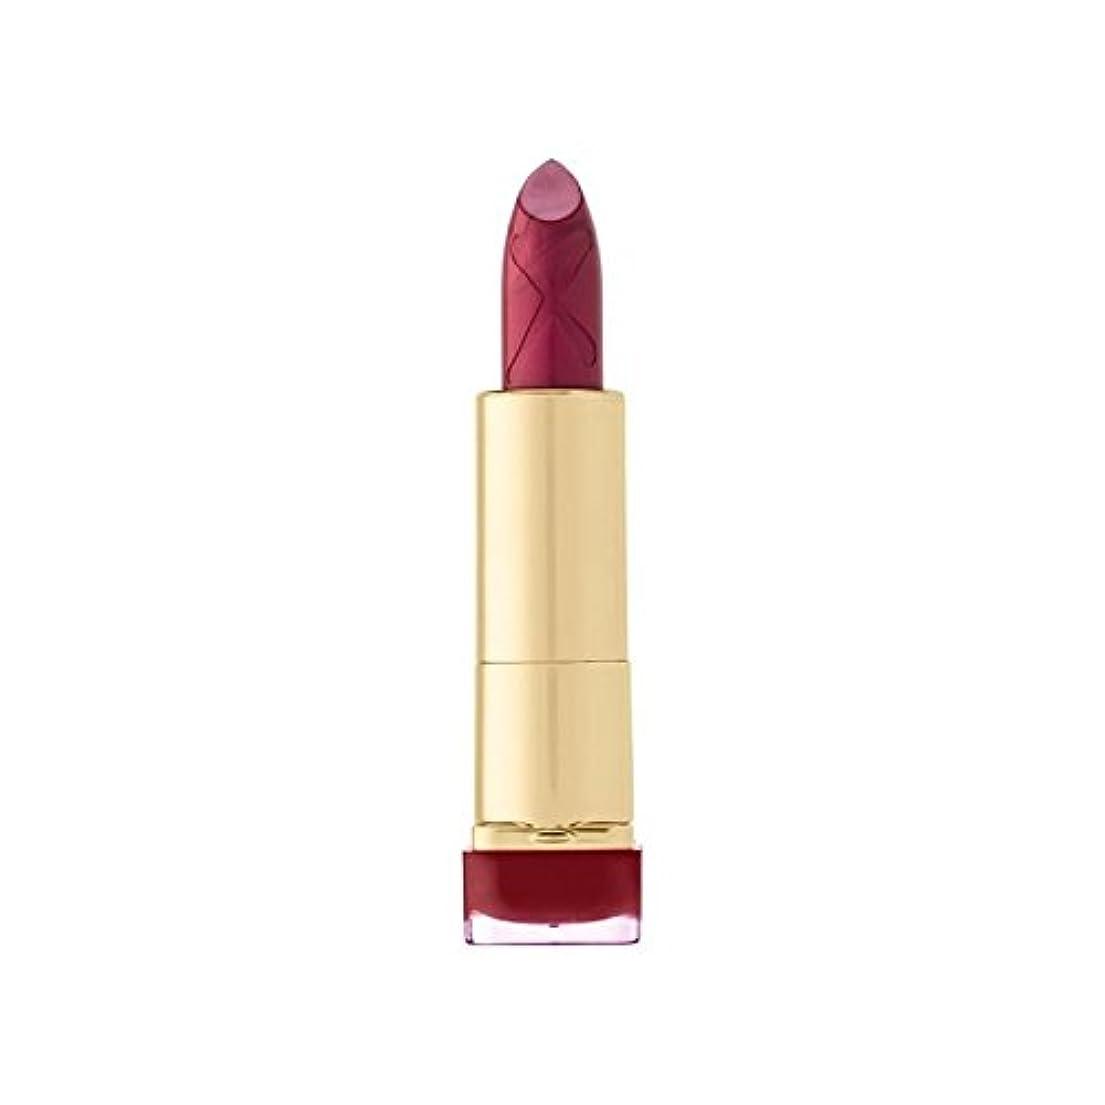 王朝悪党本を読むMax Factor Colour Elixir Lipstick Mulberry 685 - マックスファクターカラーエリクシルの口紅桑685 [並行輸入品]